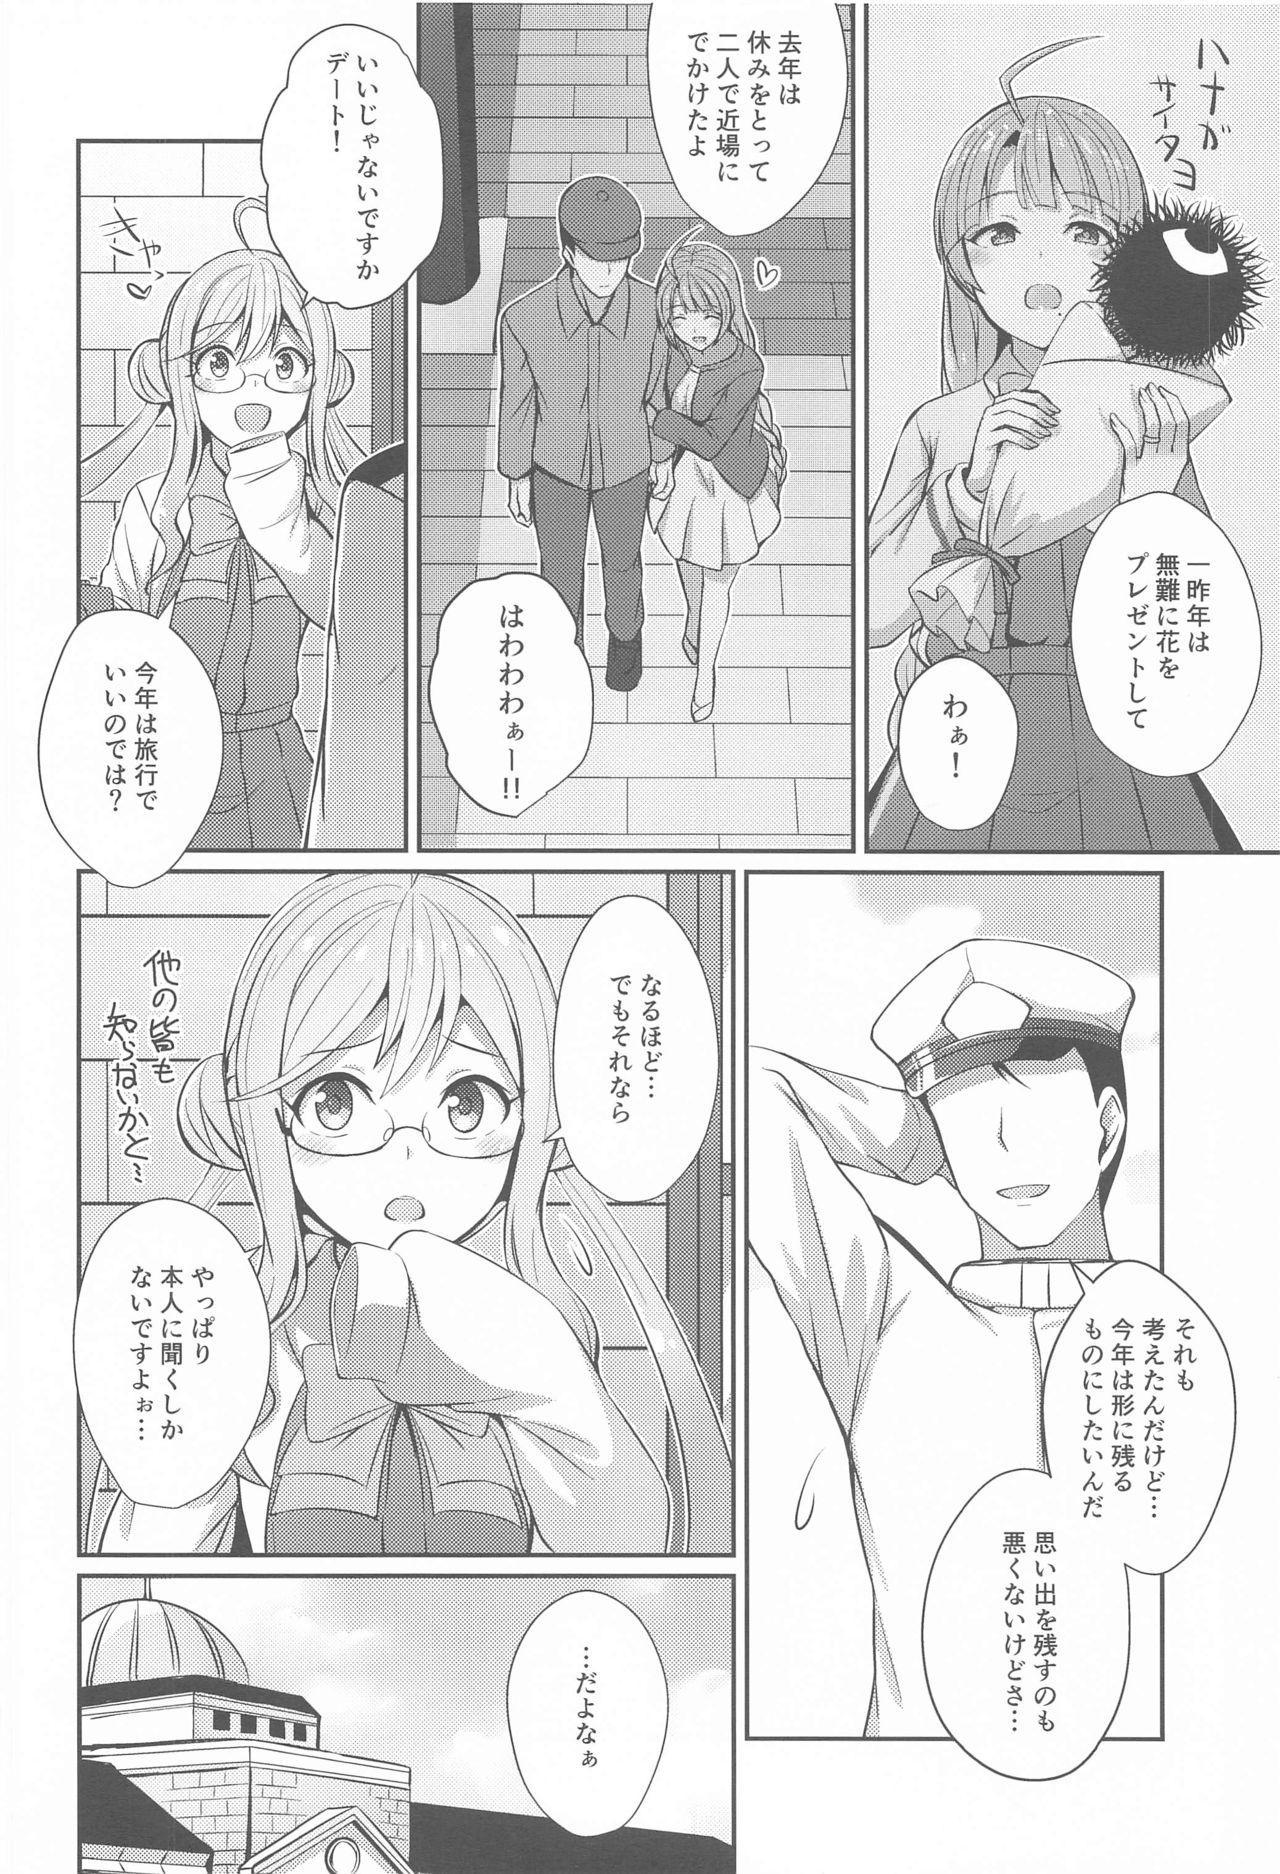 Yuugumo no Hoshii Mono 2